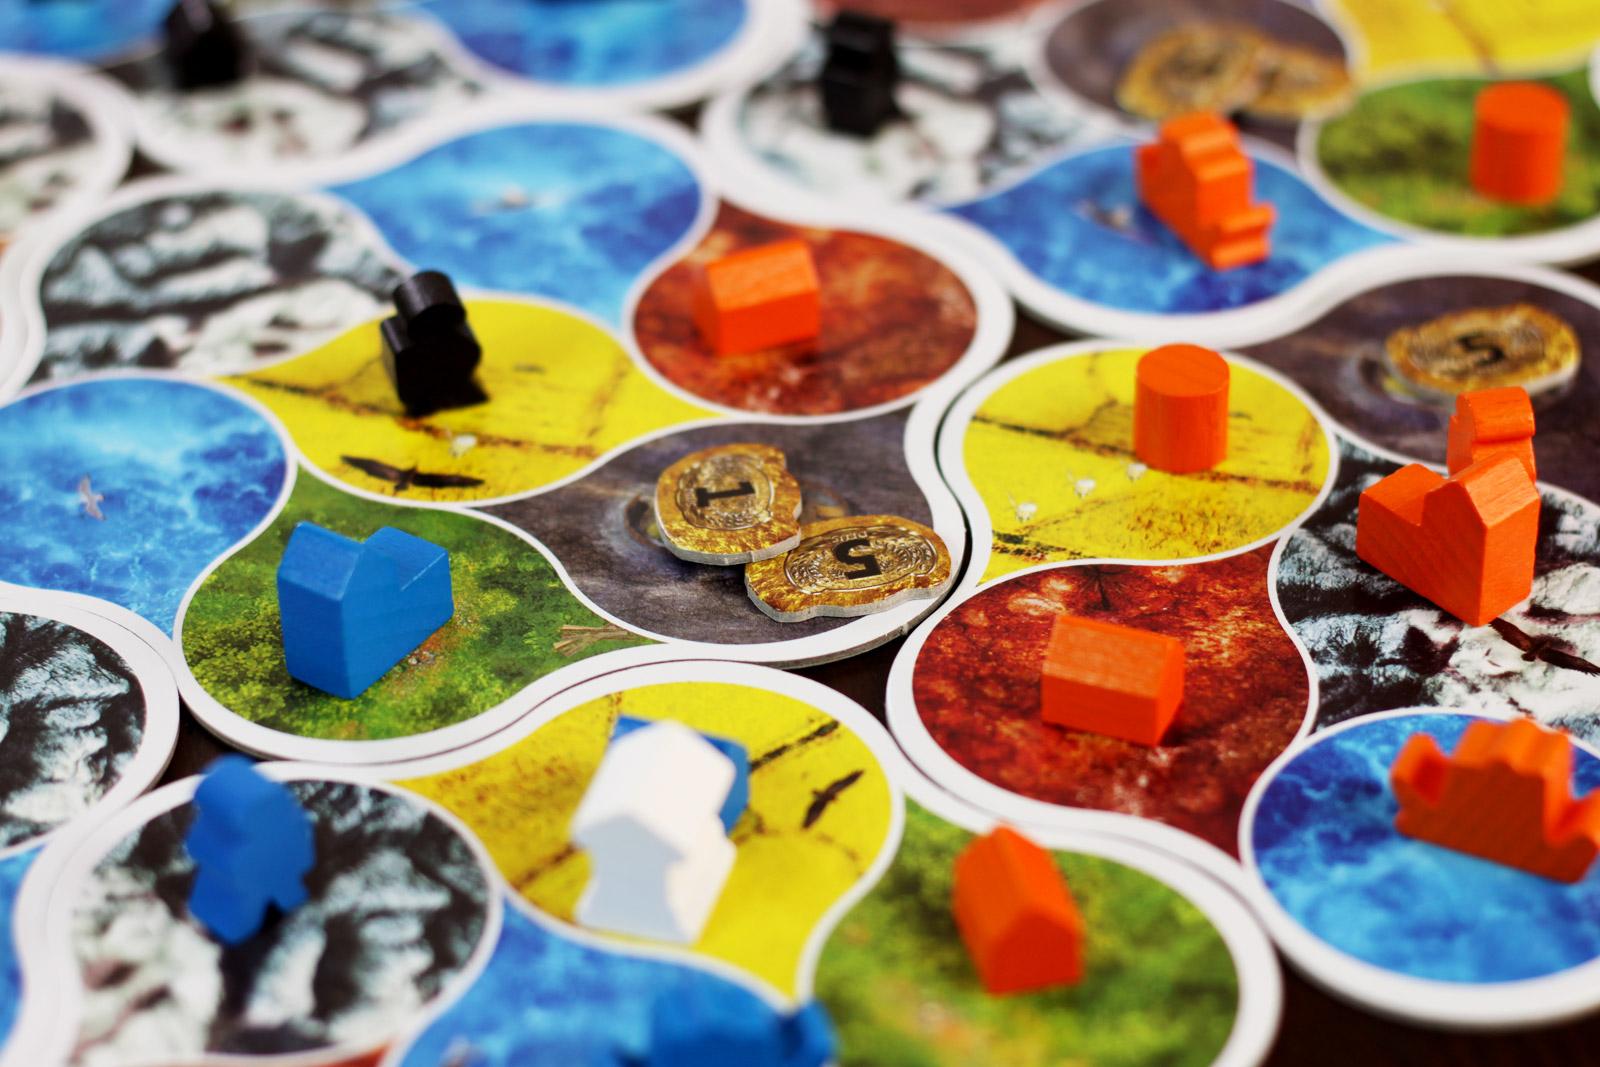 Detalle del juego Deus de Asmodee